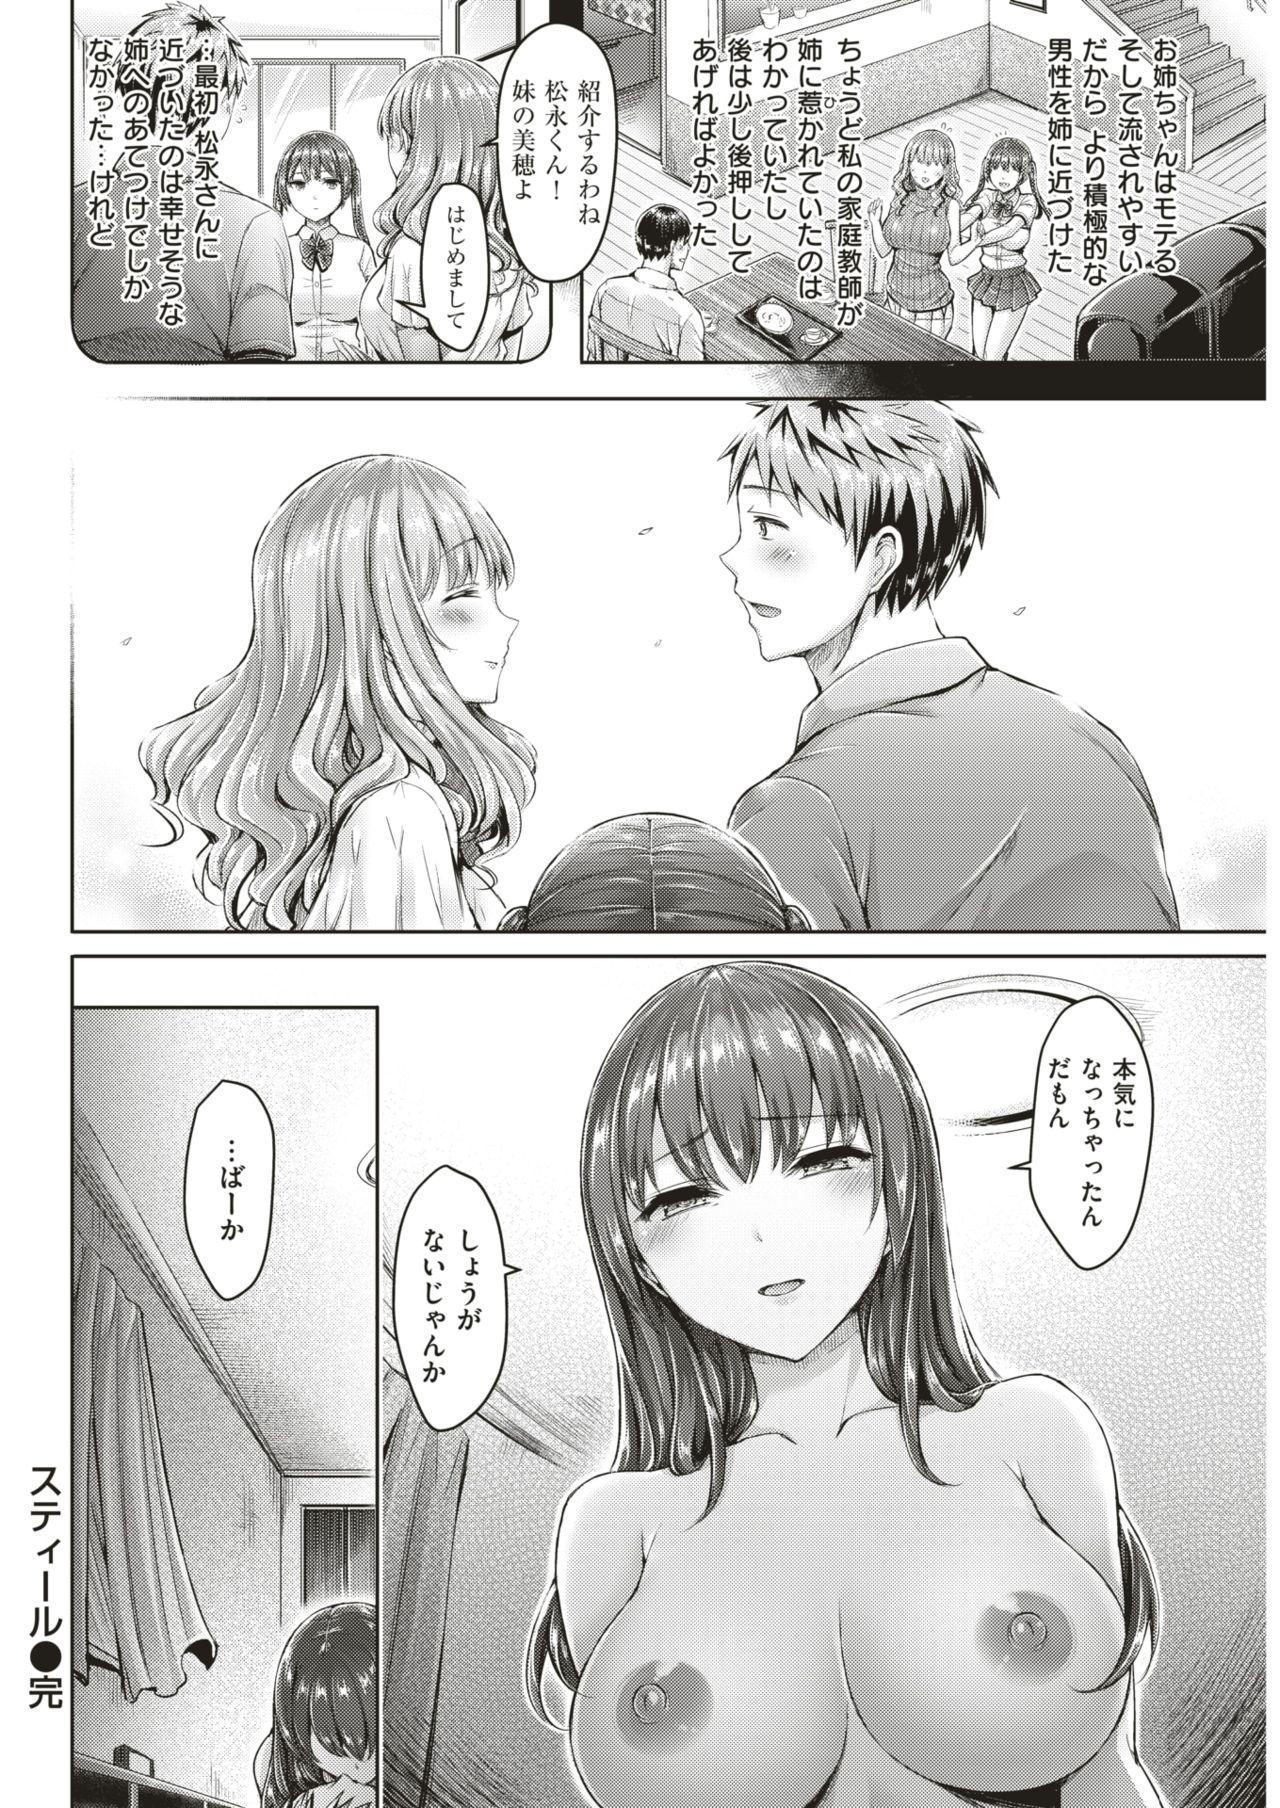 COMIC Kairakuten BEAST 2017-11 78